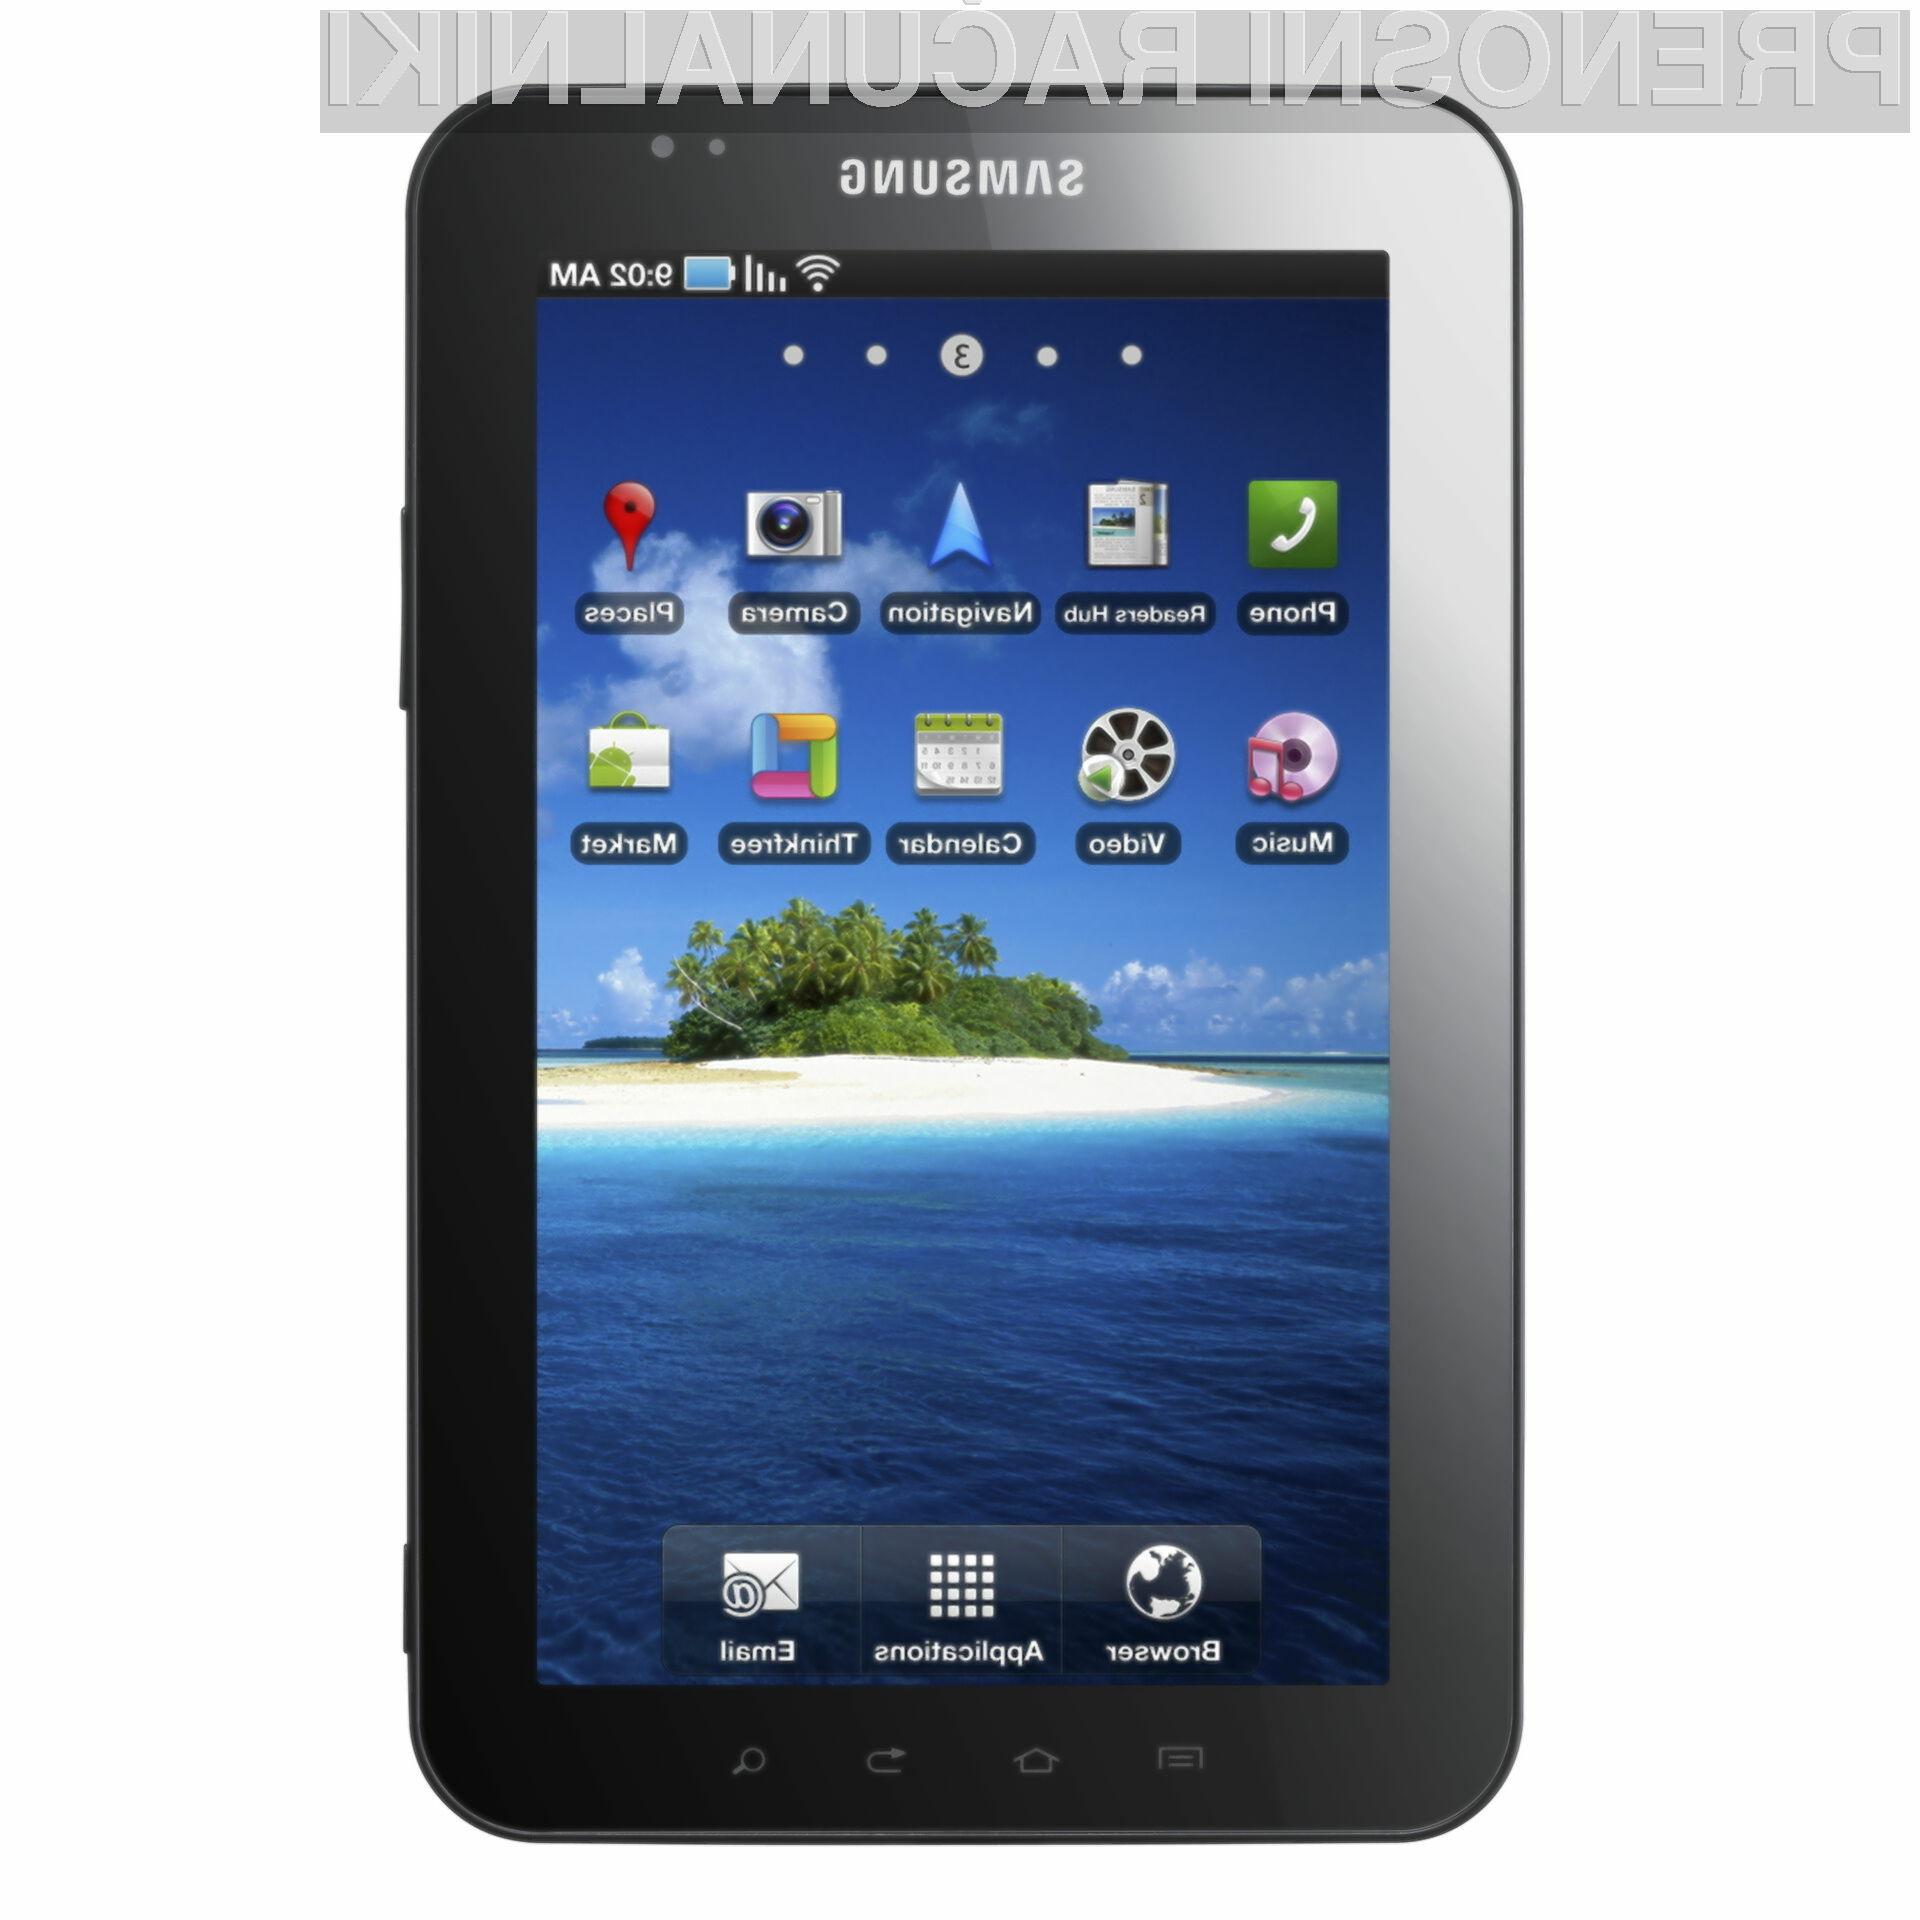 Verjetno so tudi pri Samsungu presenečeni nad tako dobro prodajo svoje naprave.